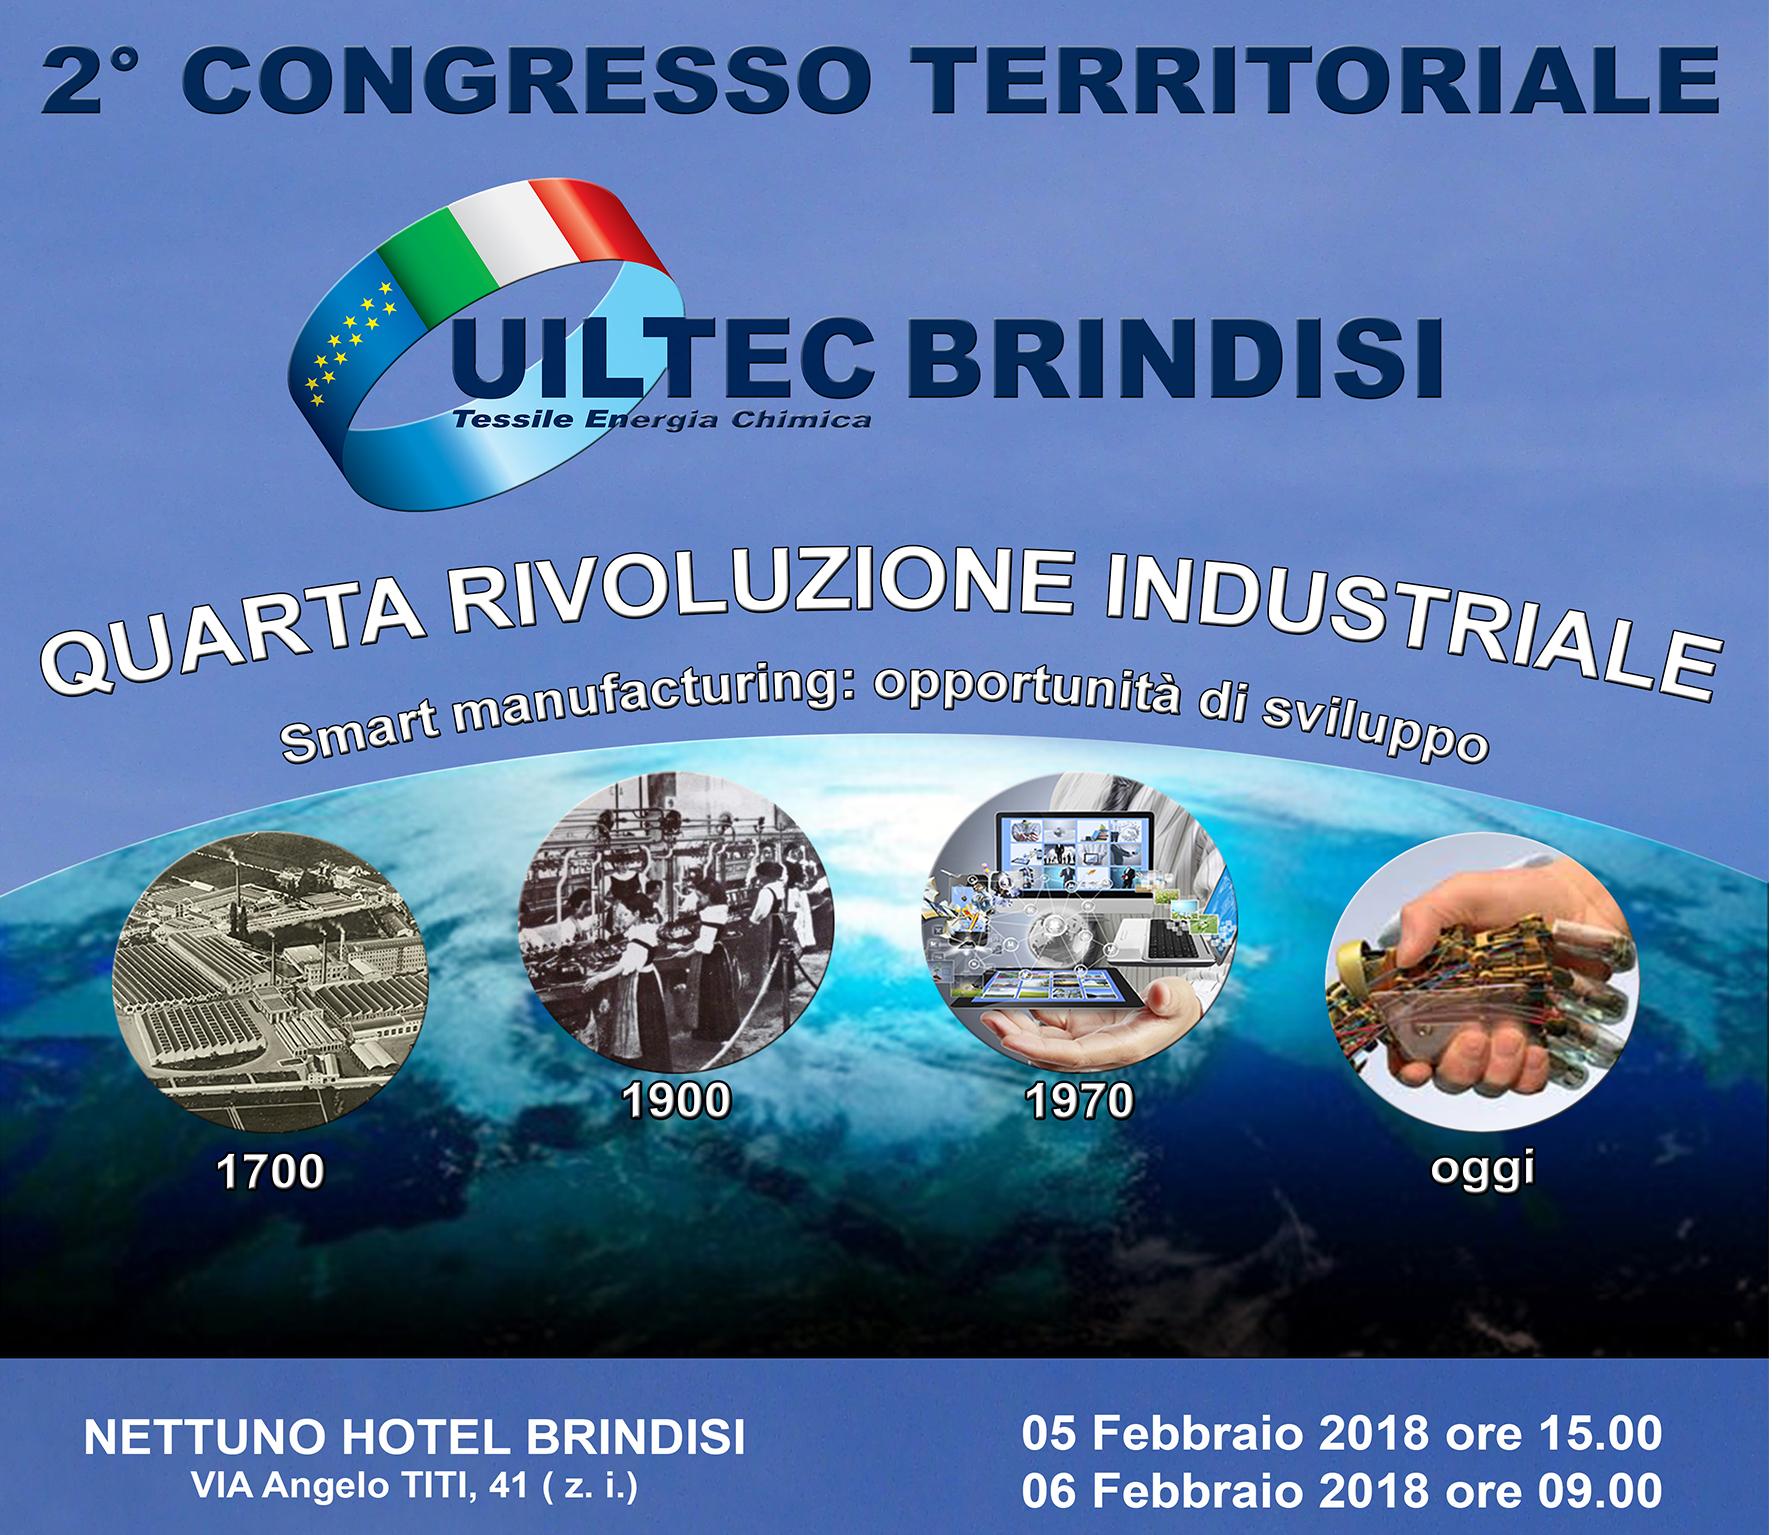 Lunedì 5 e martedì 6 febbraio la Uiltec vivrà il suo secondo congresso territoriale